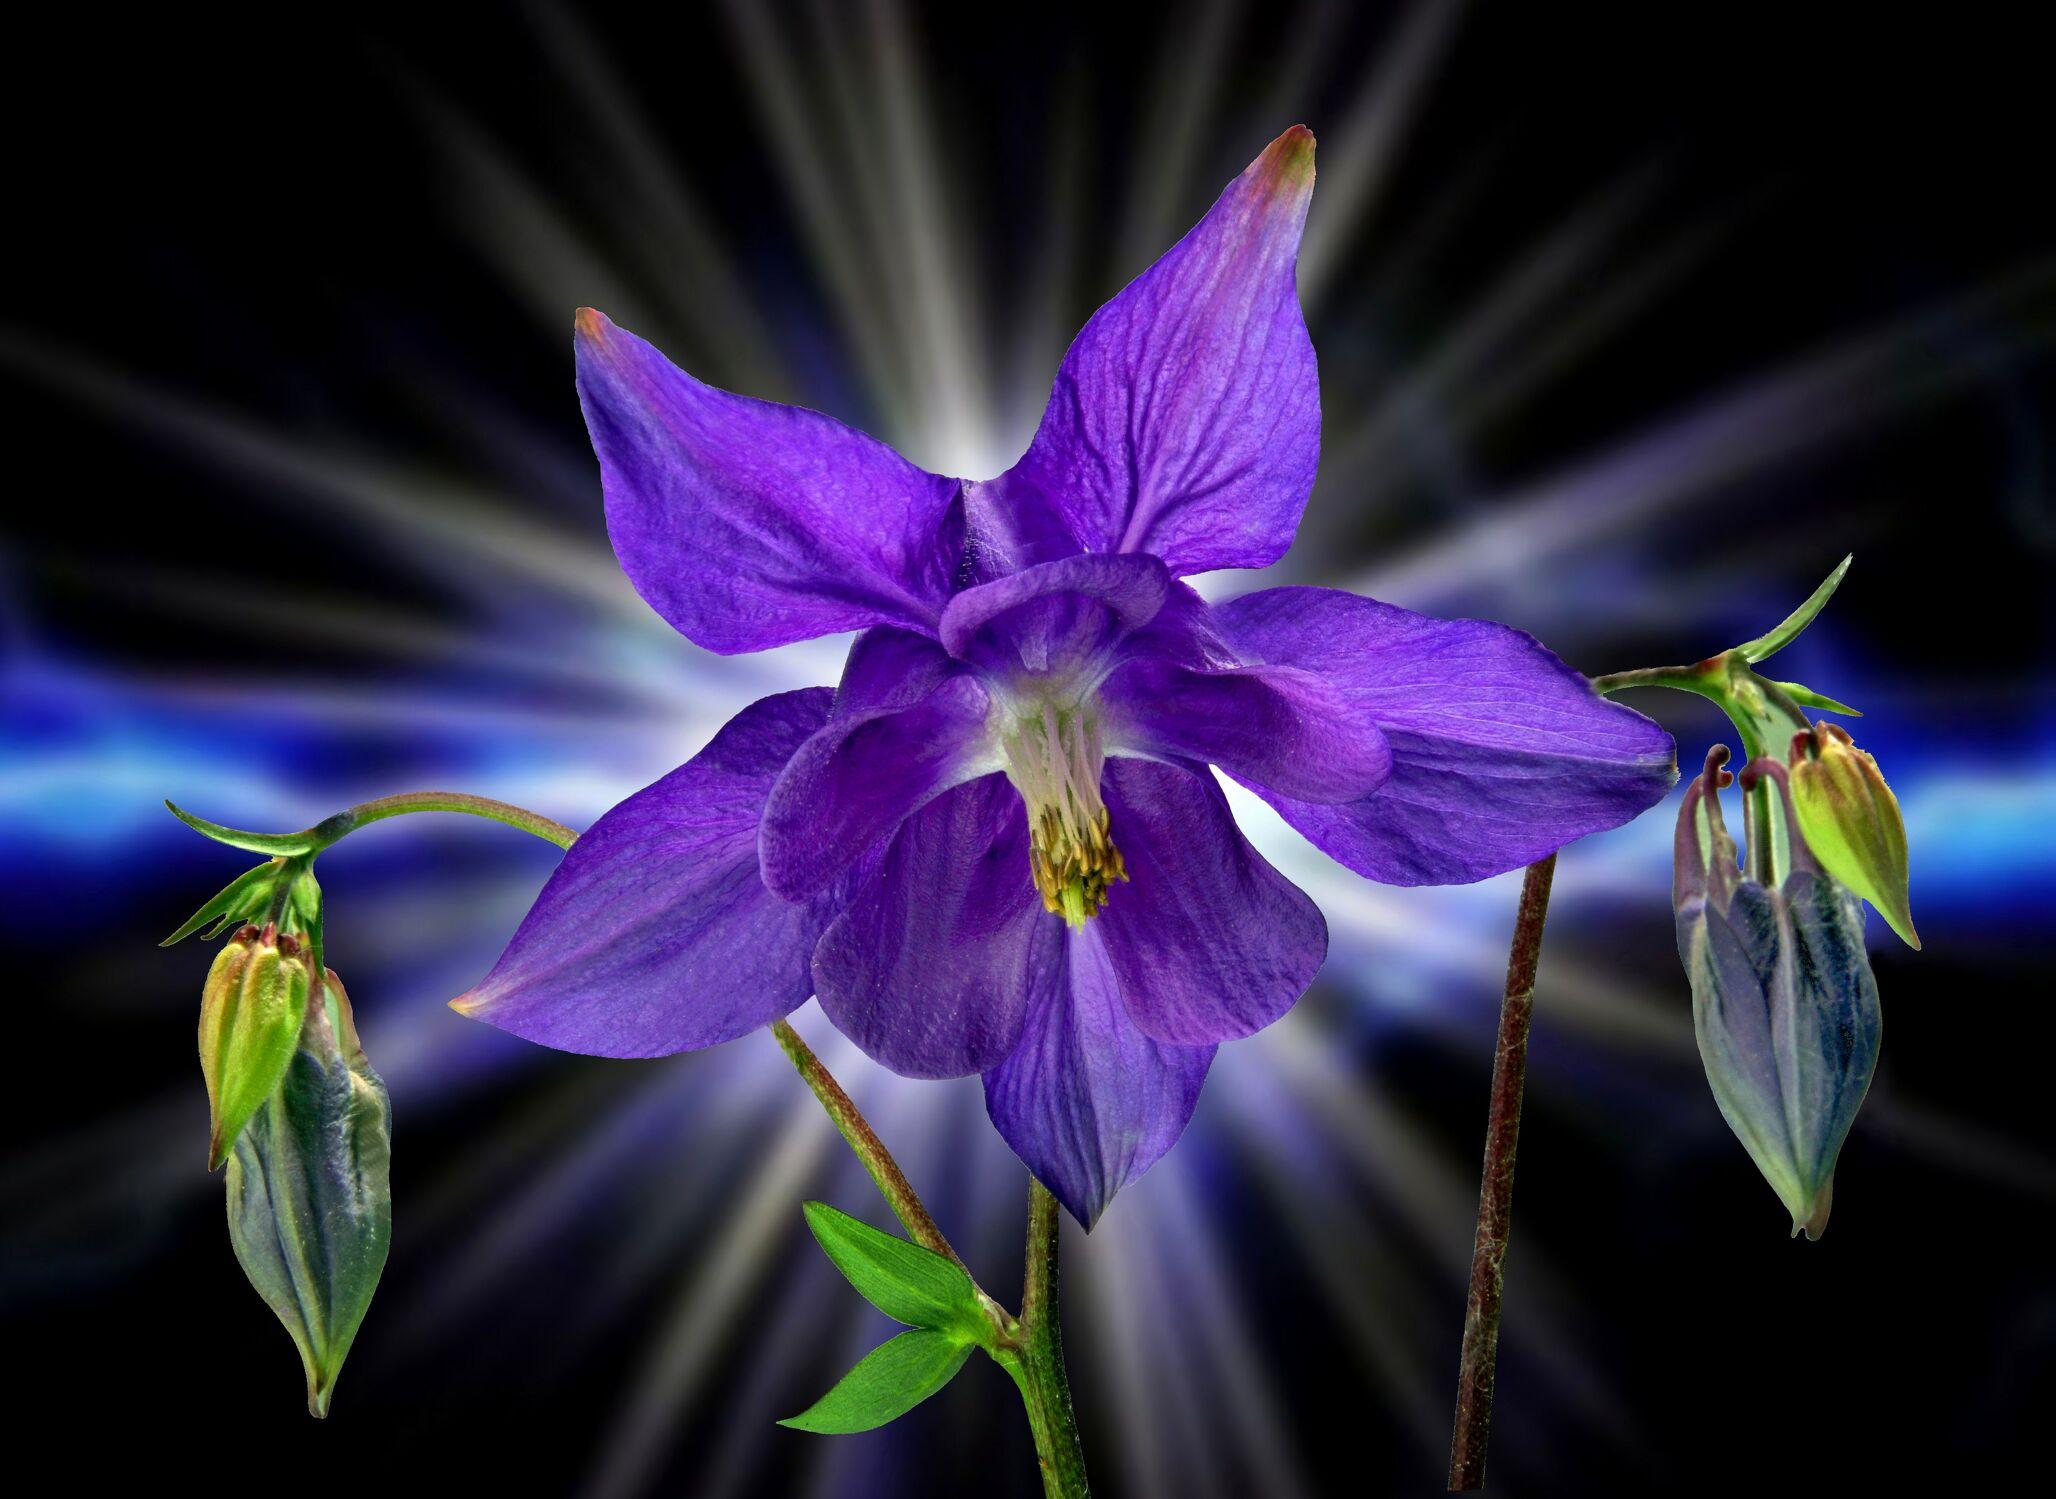 Bild mit Pflanzen, Blumen, Blume, Pflanze, Floral, Stilleben, Blüten, Florales, blüte, stern